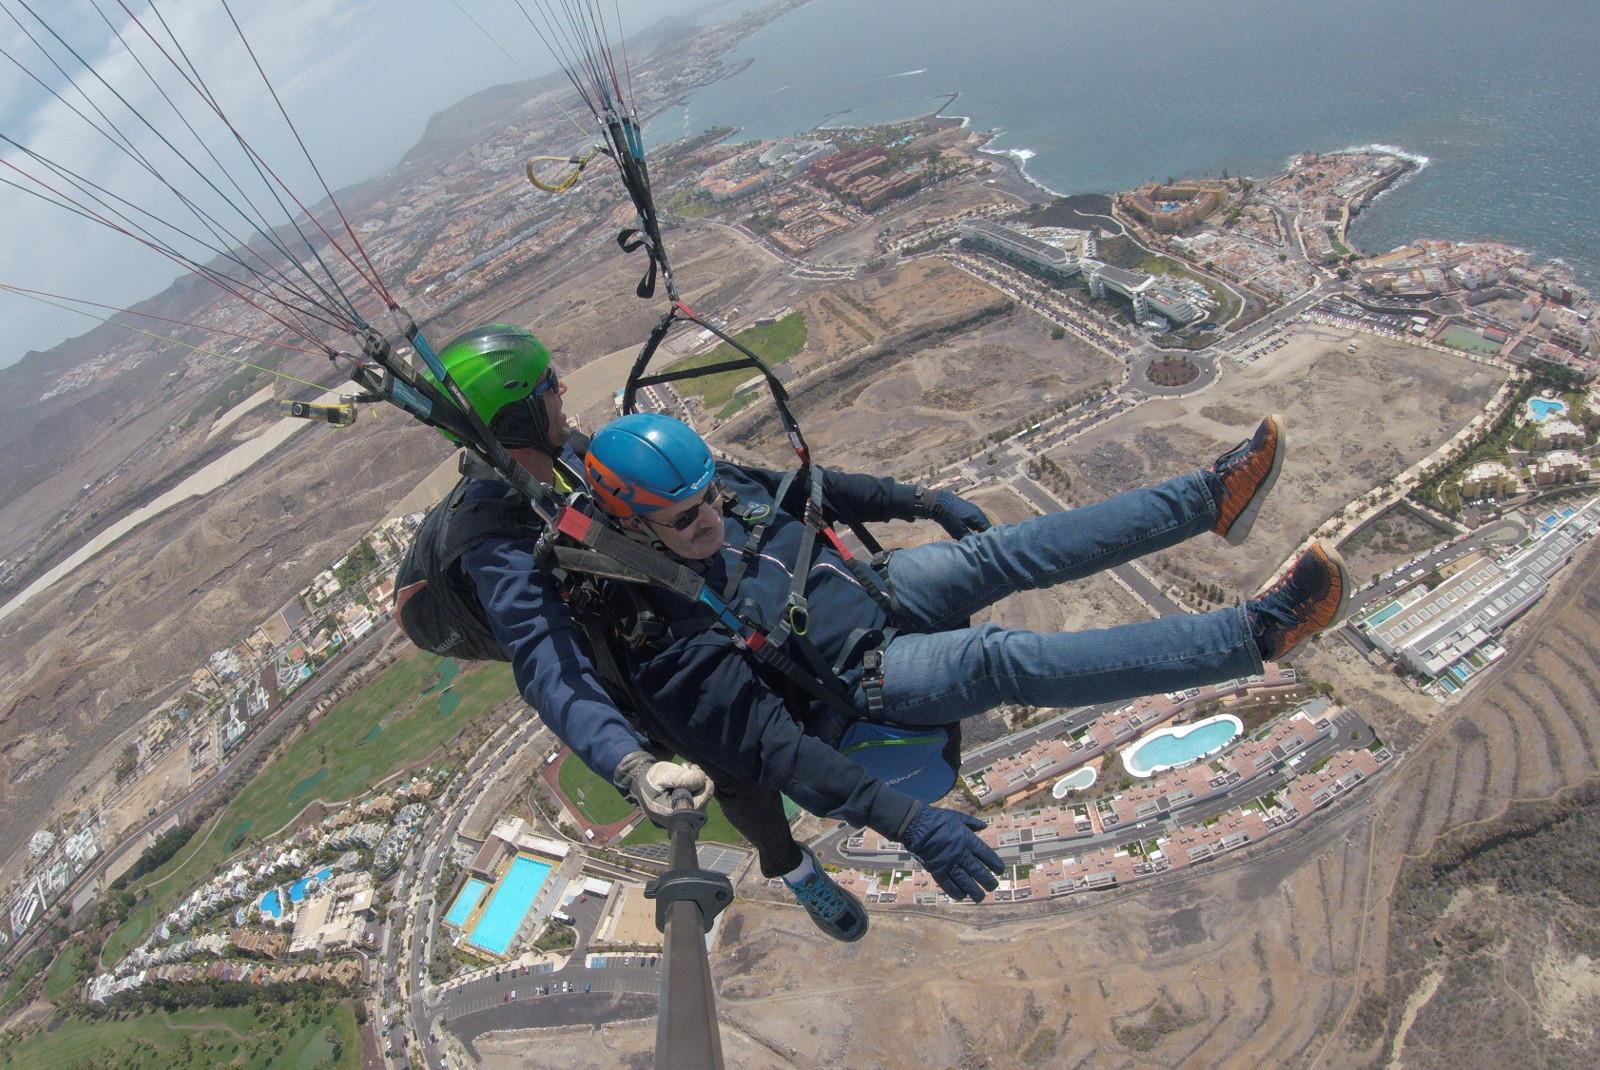 Paragliding-Tandem-Flight-in-Adeje-6